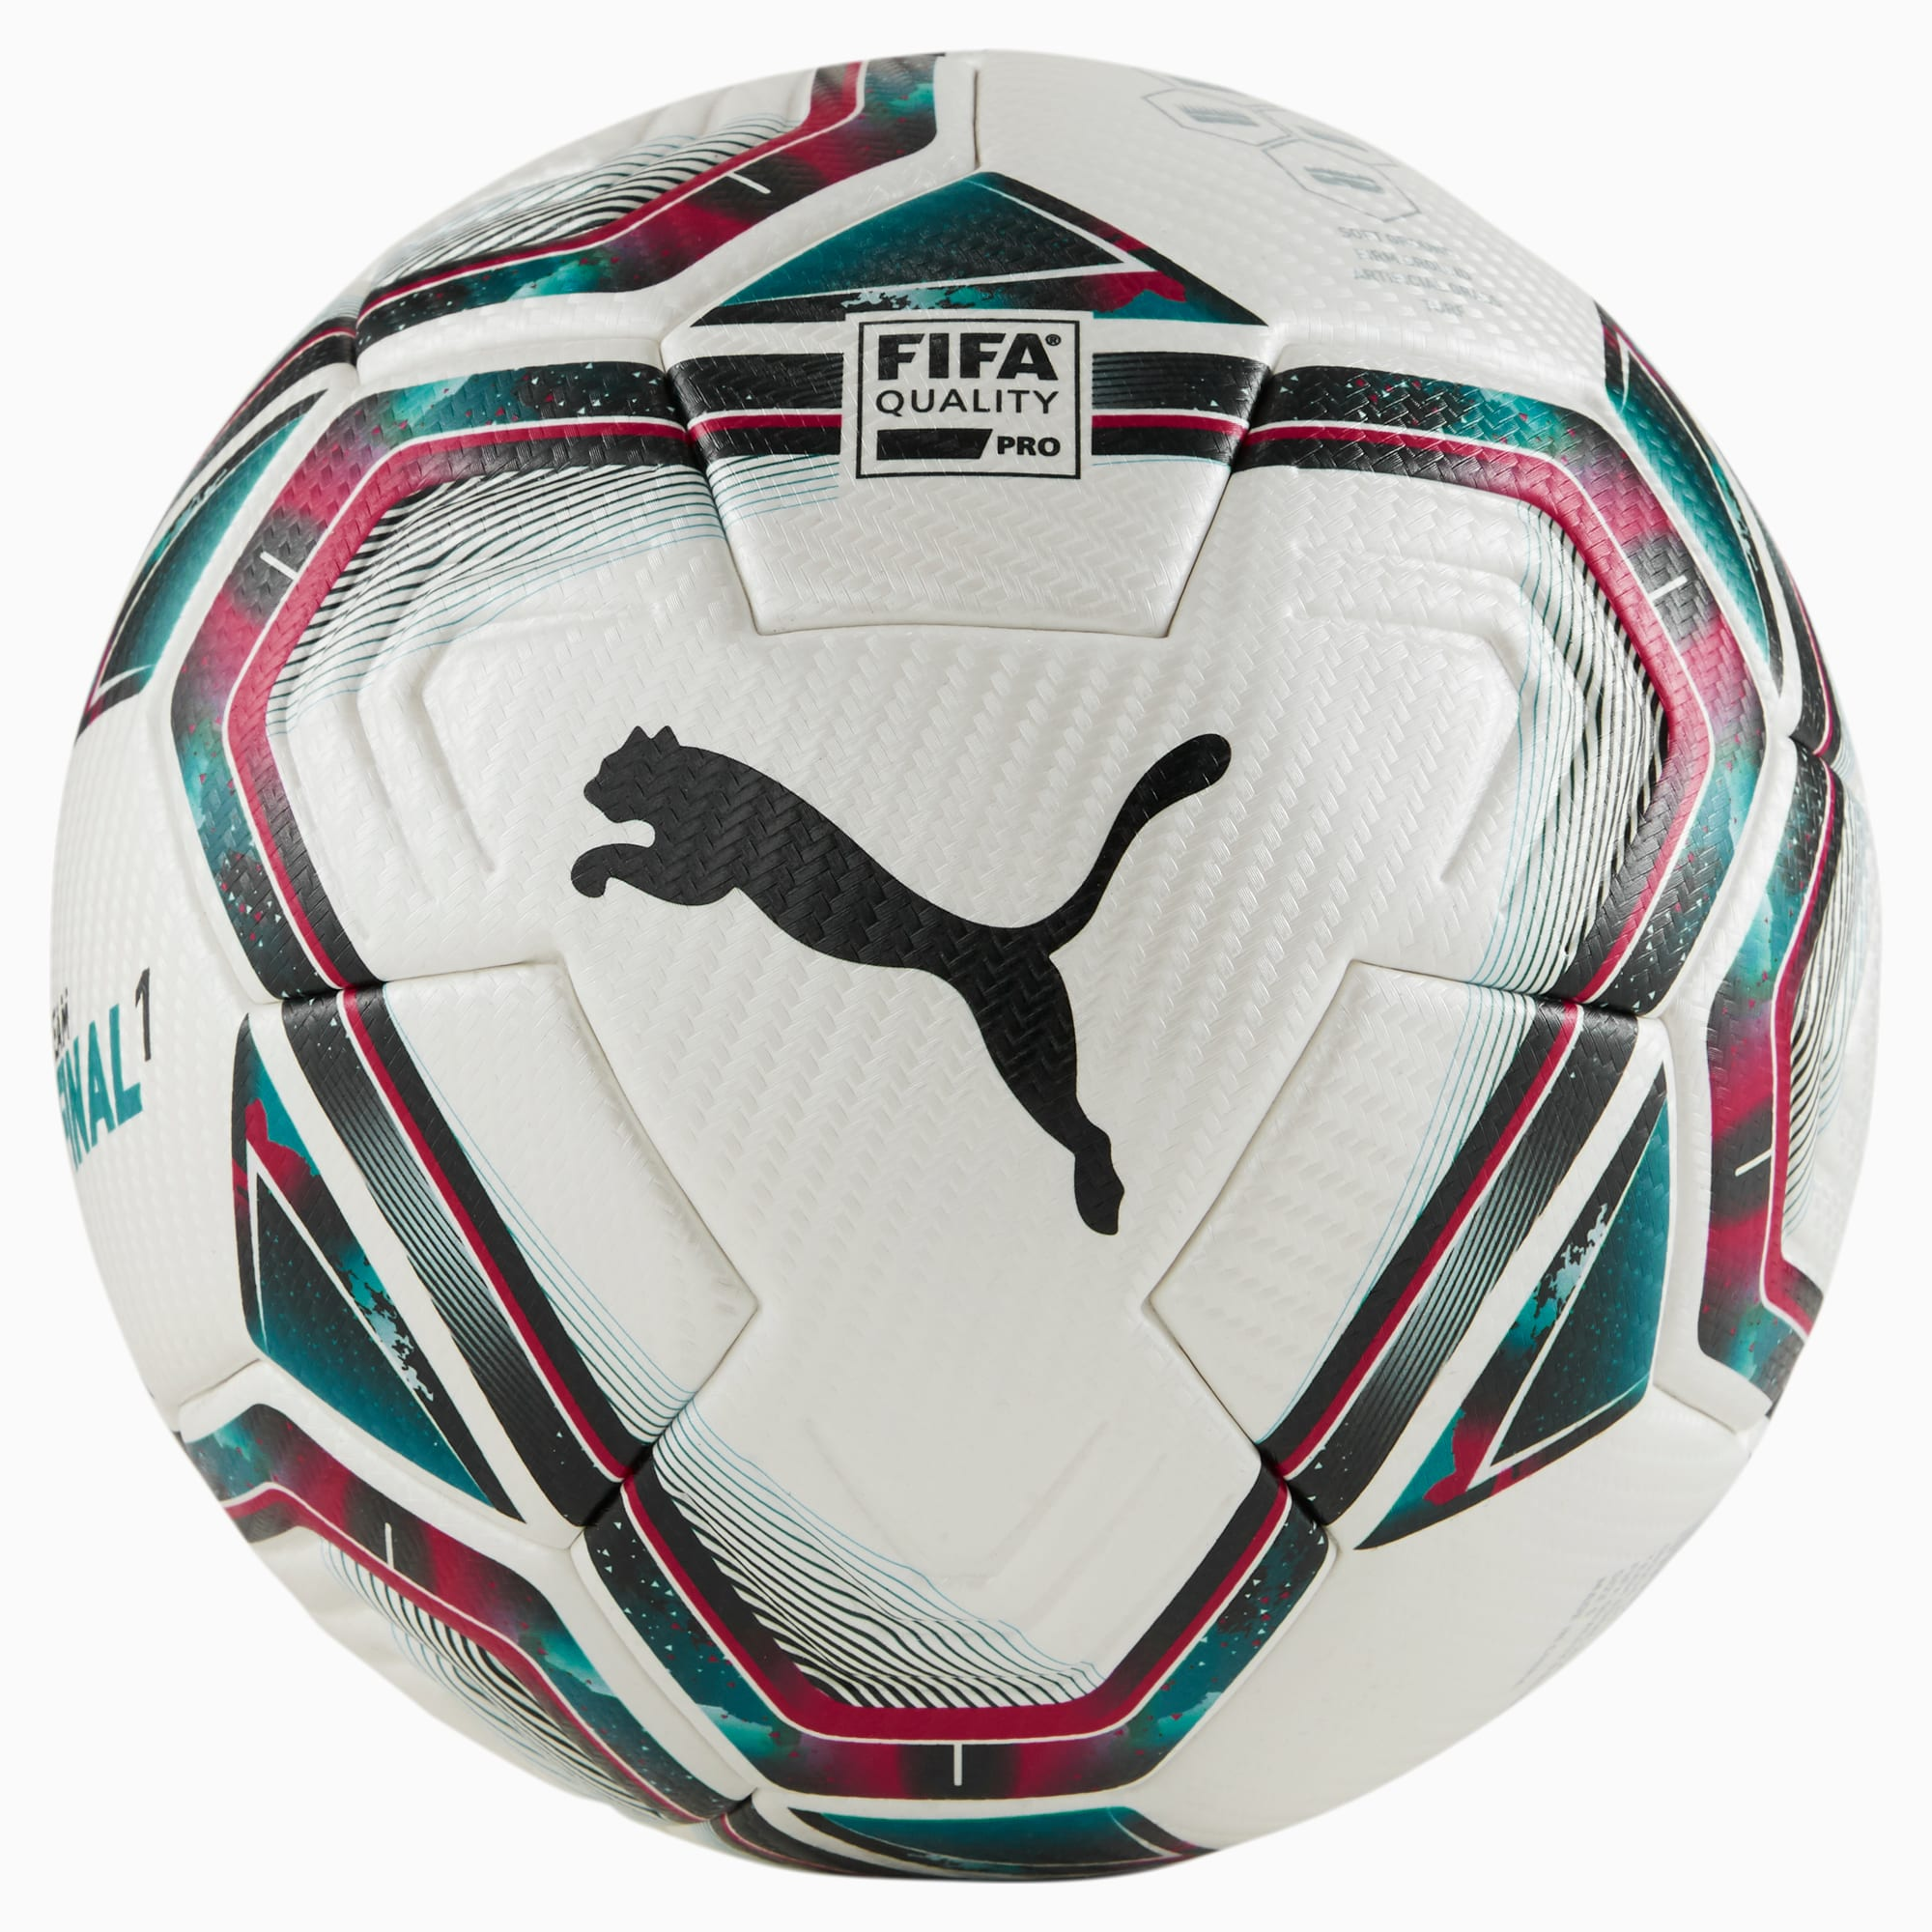 Pallone FINAL 1 FIFA Quality Pro, Blu/Rosa/Rosso, Taglia 5   PUMA